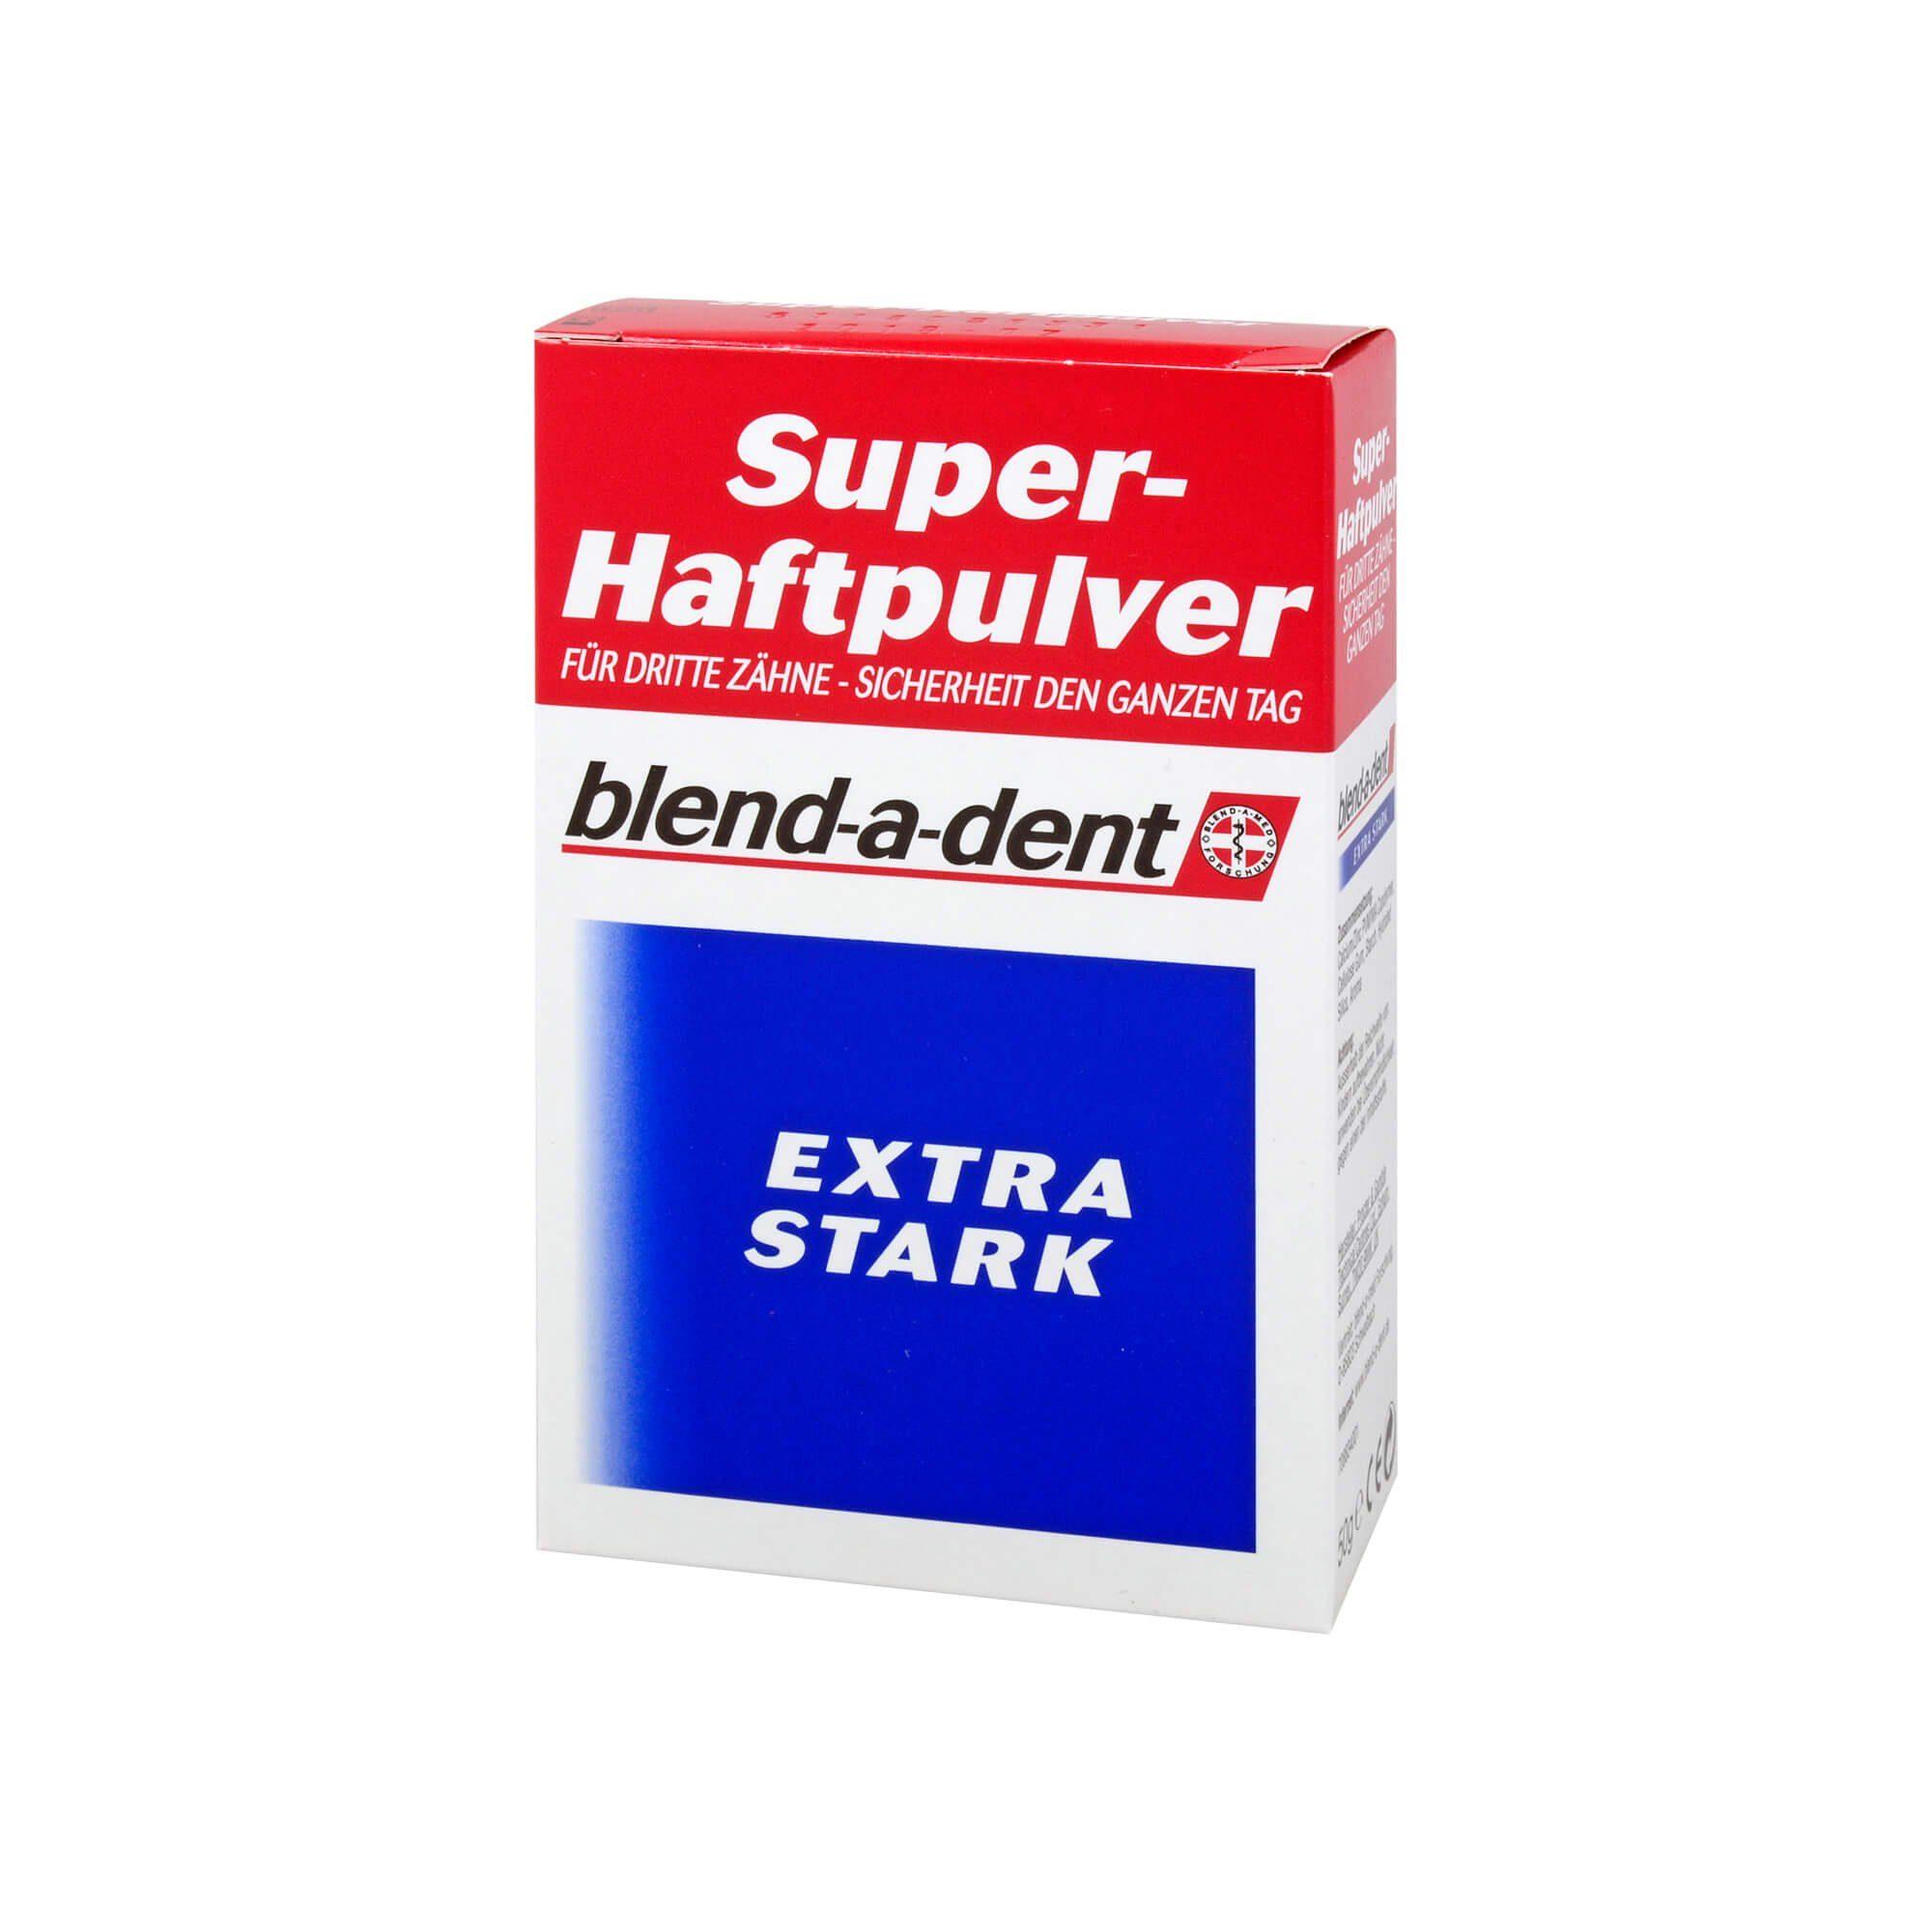 Blend-a-dent Super Haftpulver extra stark 168605, 50 g